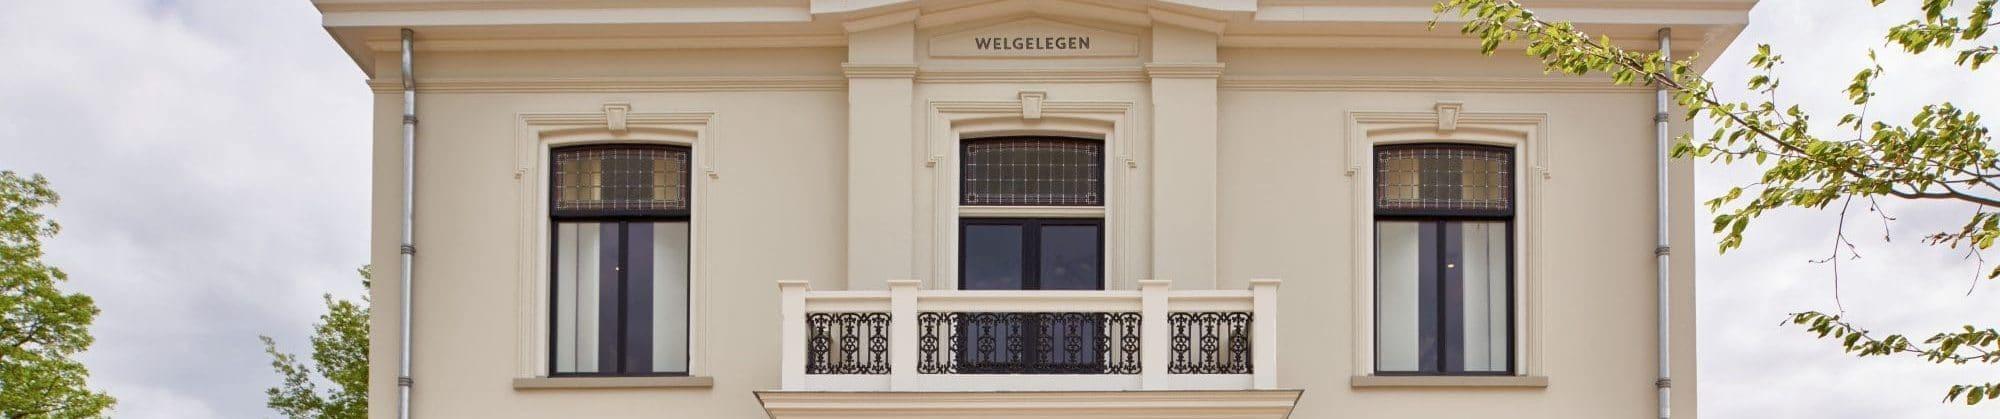 villa-groenlo__Welgelegen_103_HR